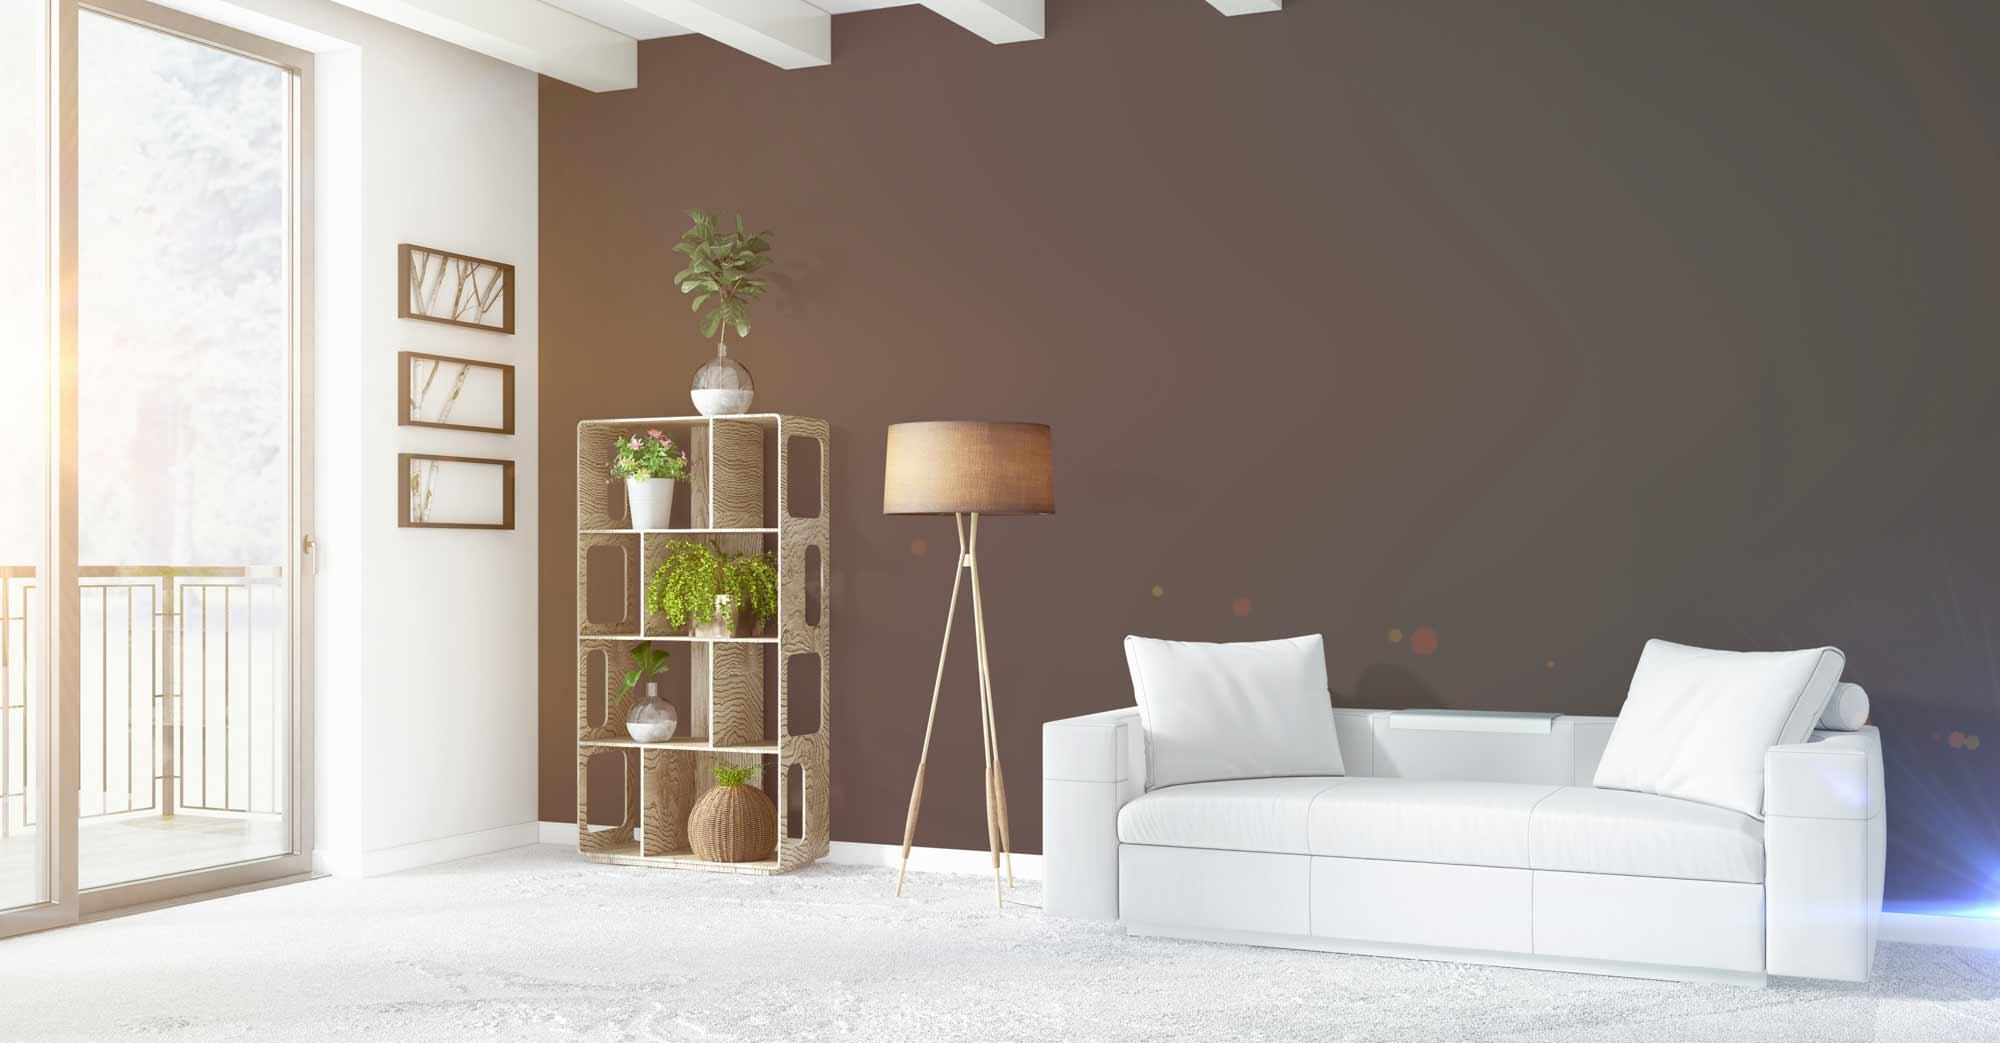 Lauriks interieur en decoratie te antwerpen boom